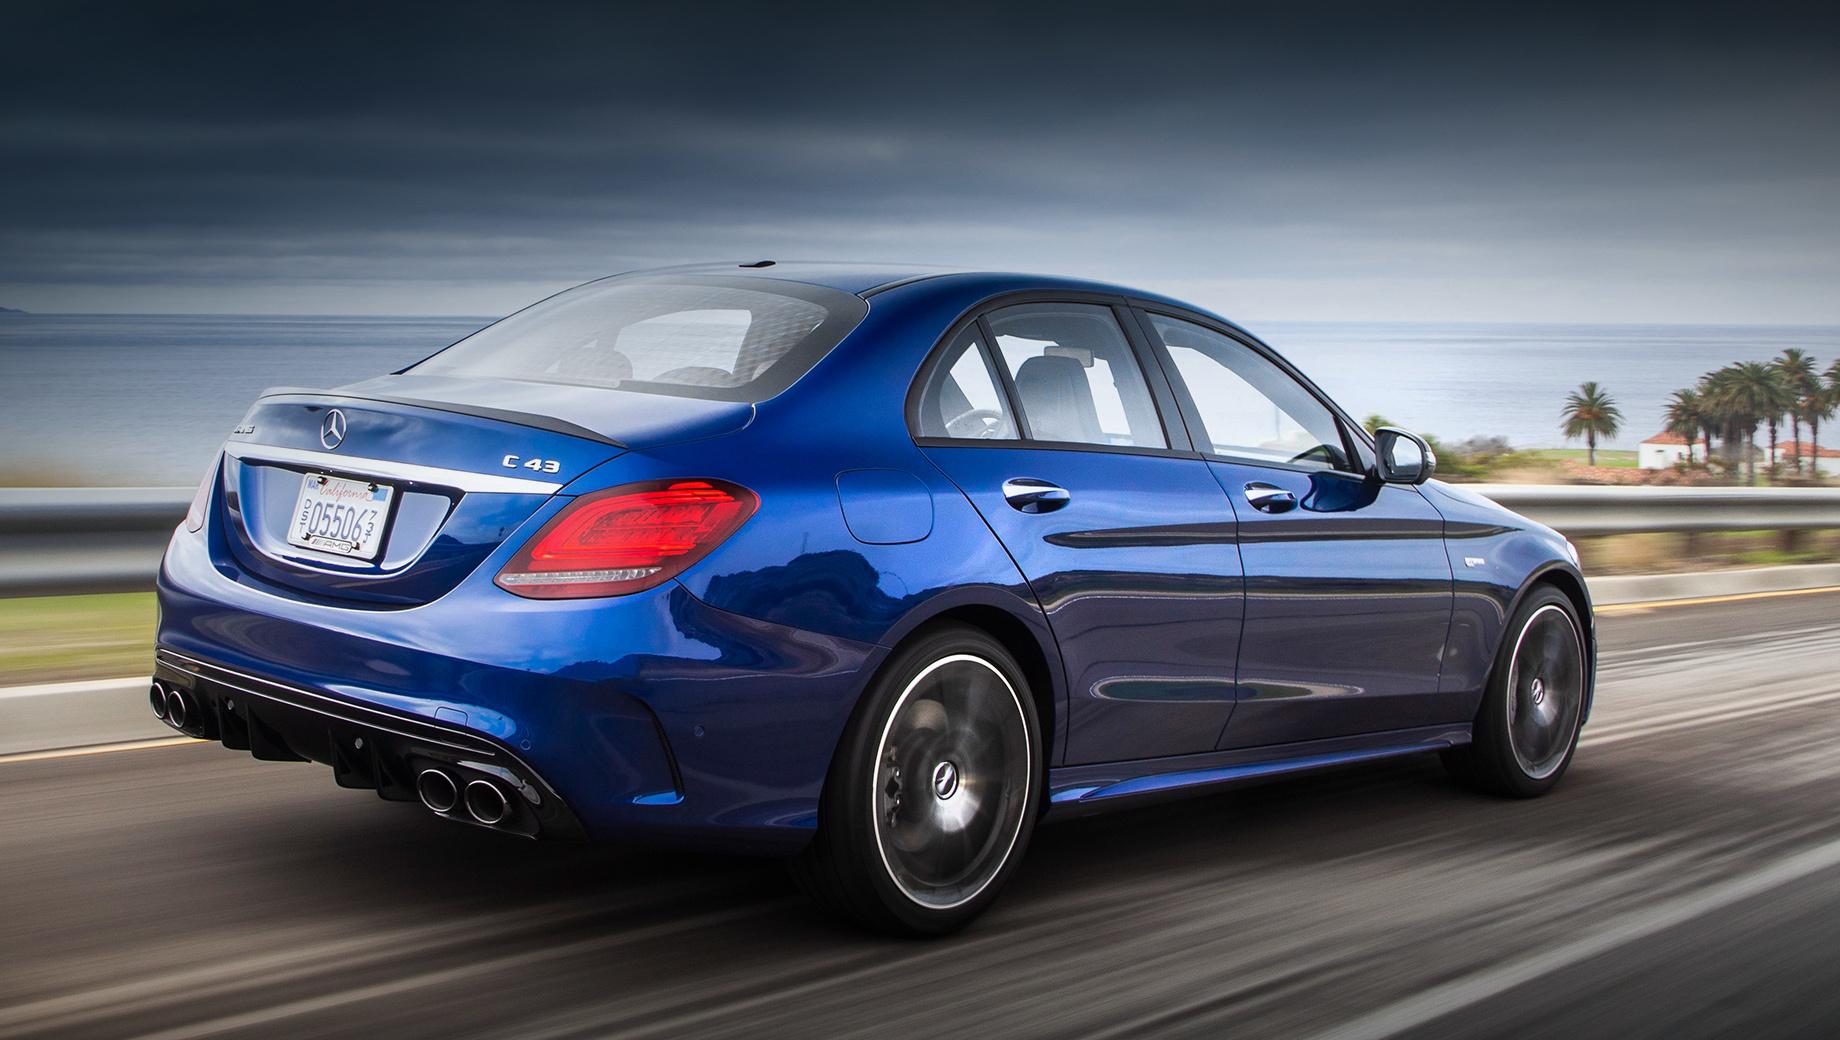 Mercedes c,Mercedes cla. В Штатах Mercedes C-класса доступен с моторами мощностью 258, 390, 476 и 510 л.с., а цены варьируются от $41 400 до $75 700 (от 2,95 до 5,40 млн рублей). Всего с 2015 года за океаном продали 363 636 седанов.